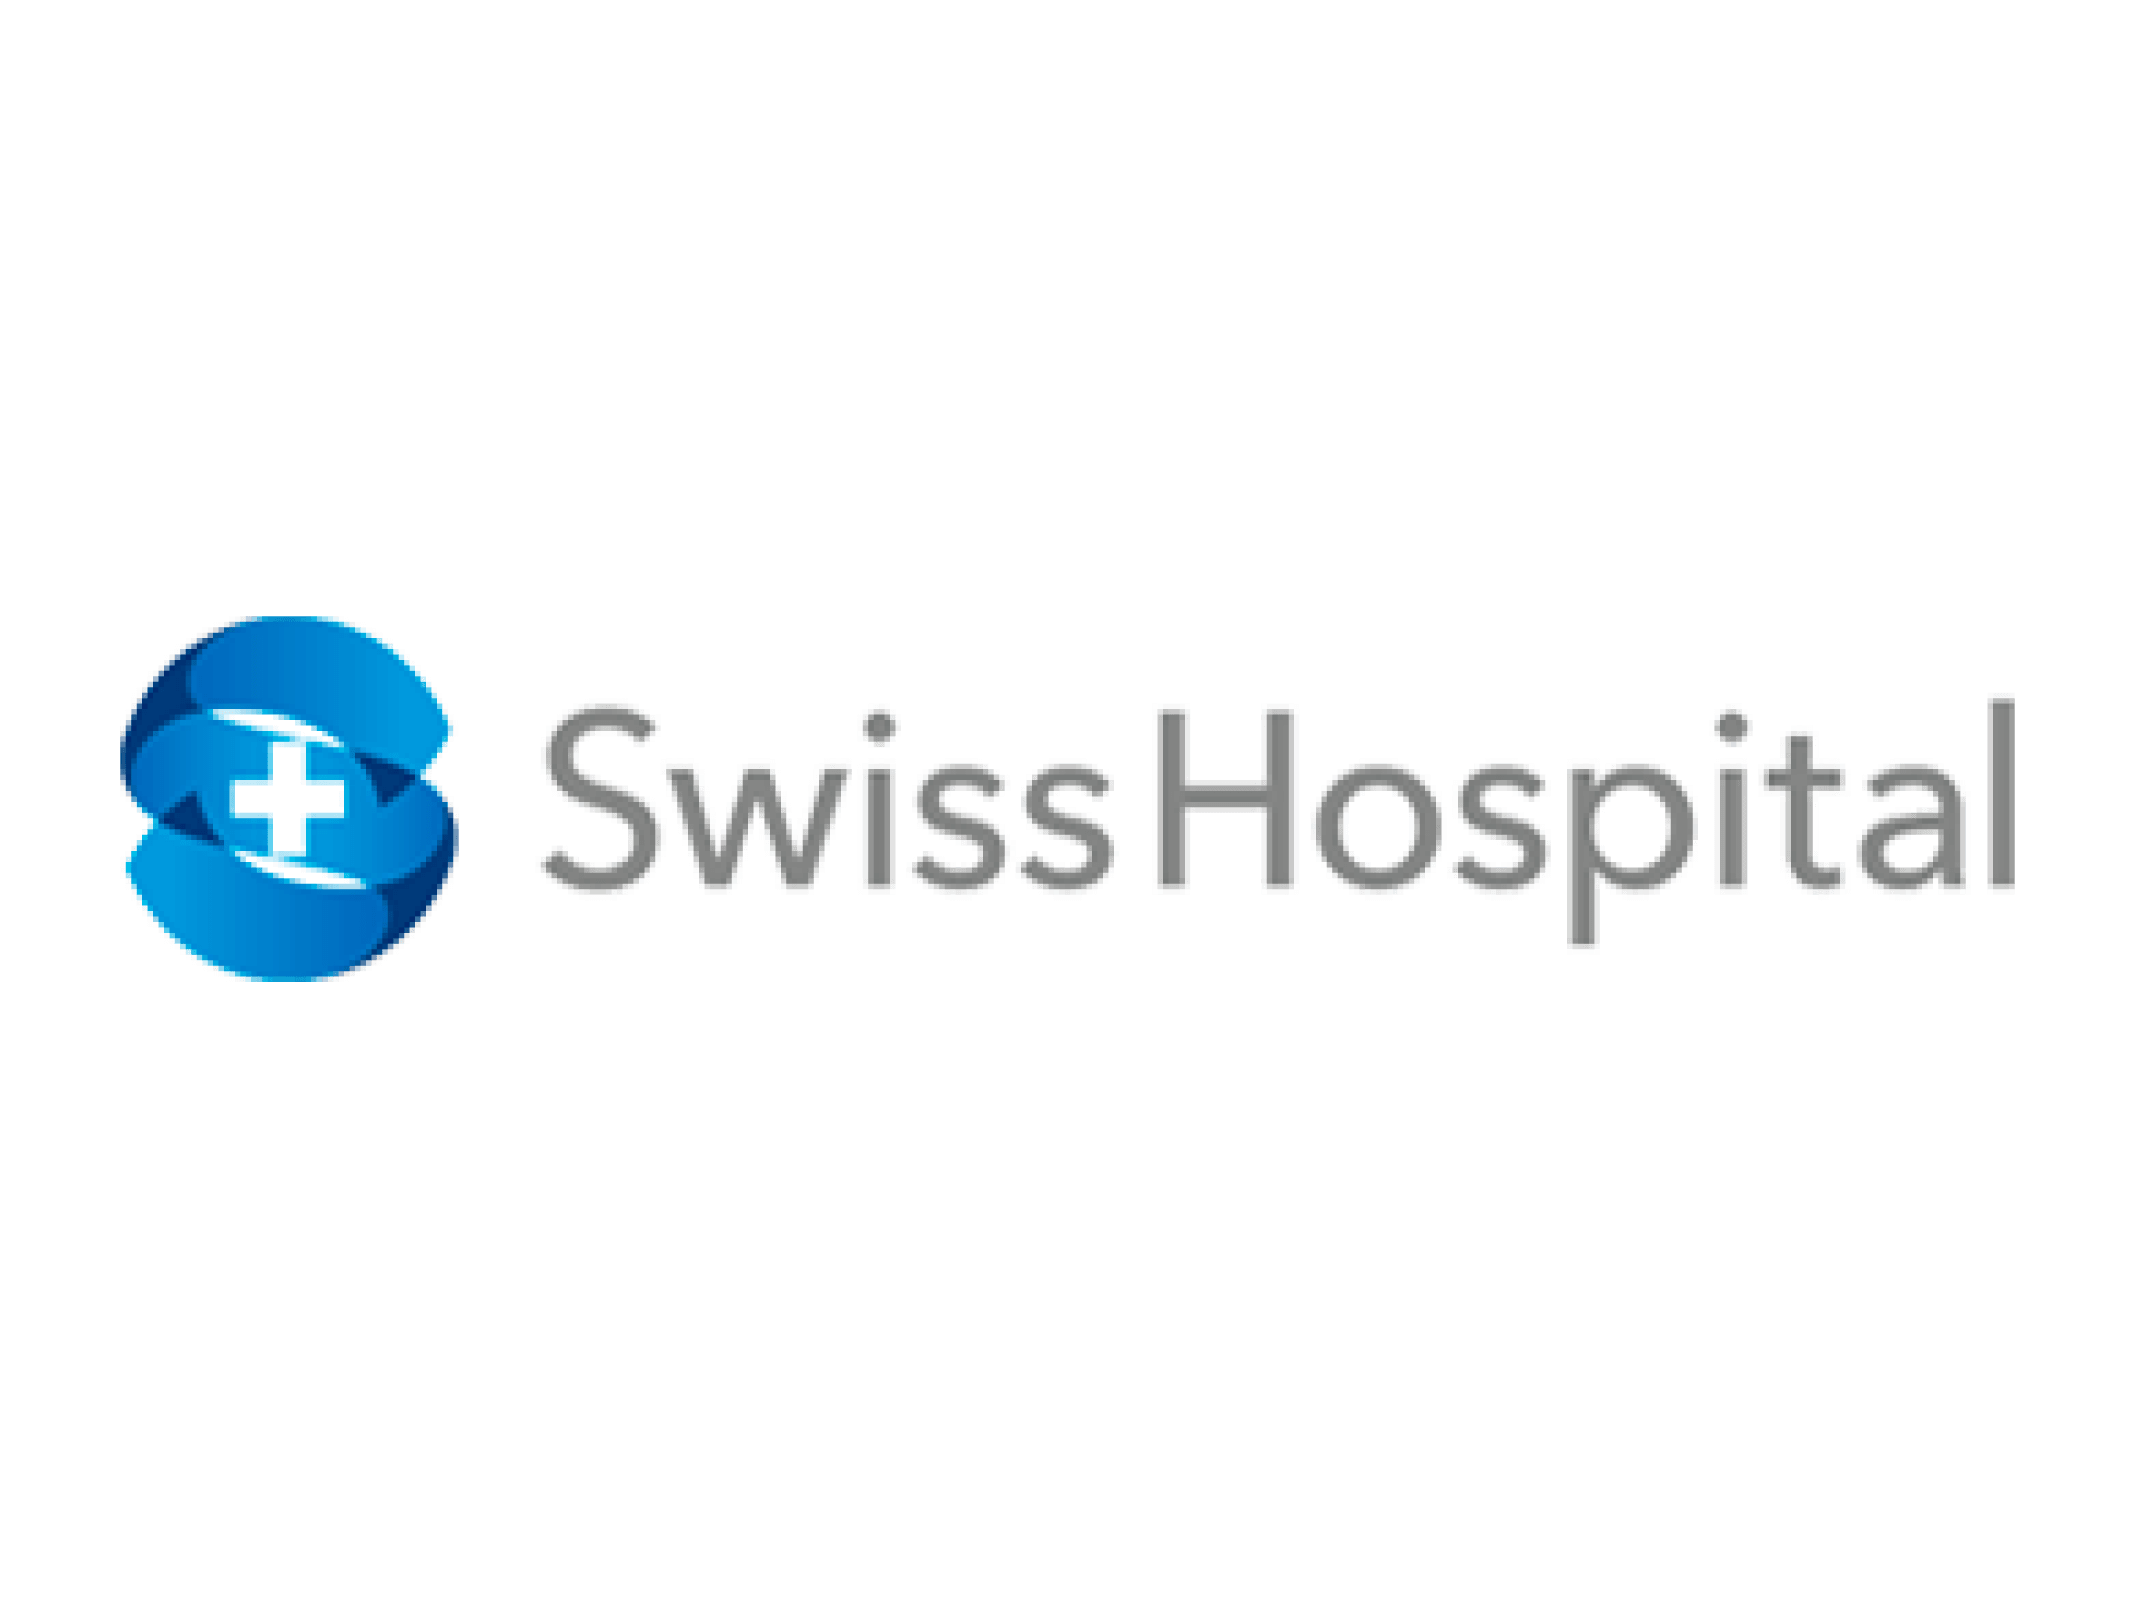 logo-clientes-swiss-hospital